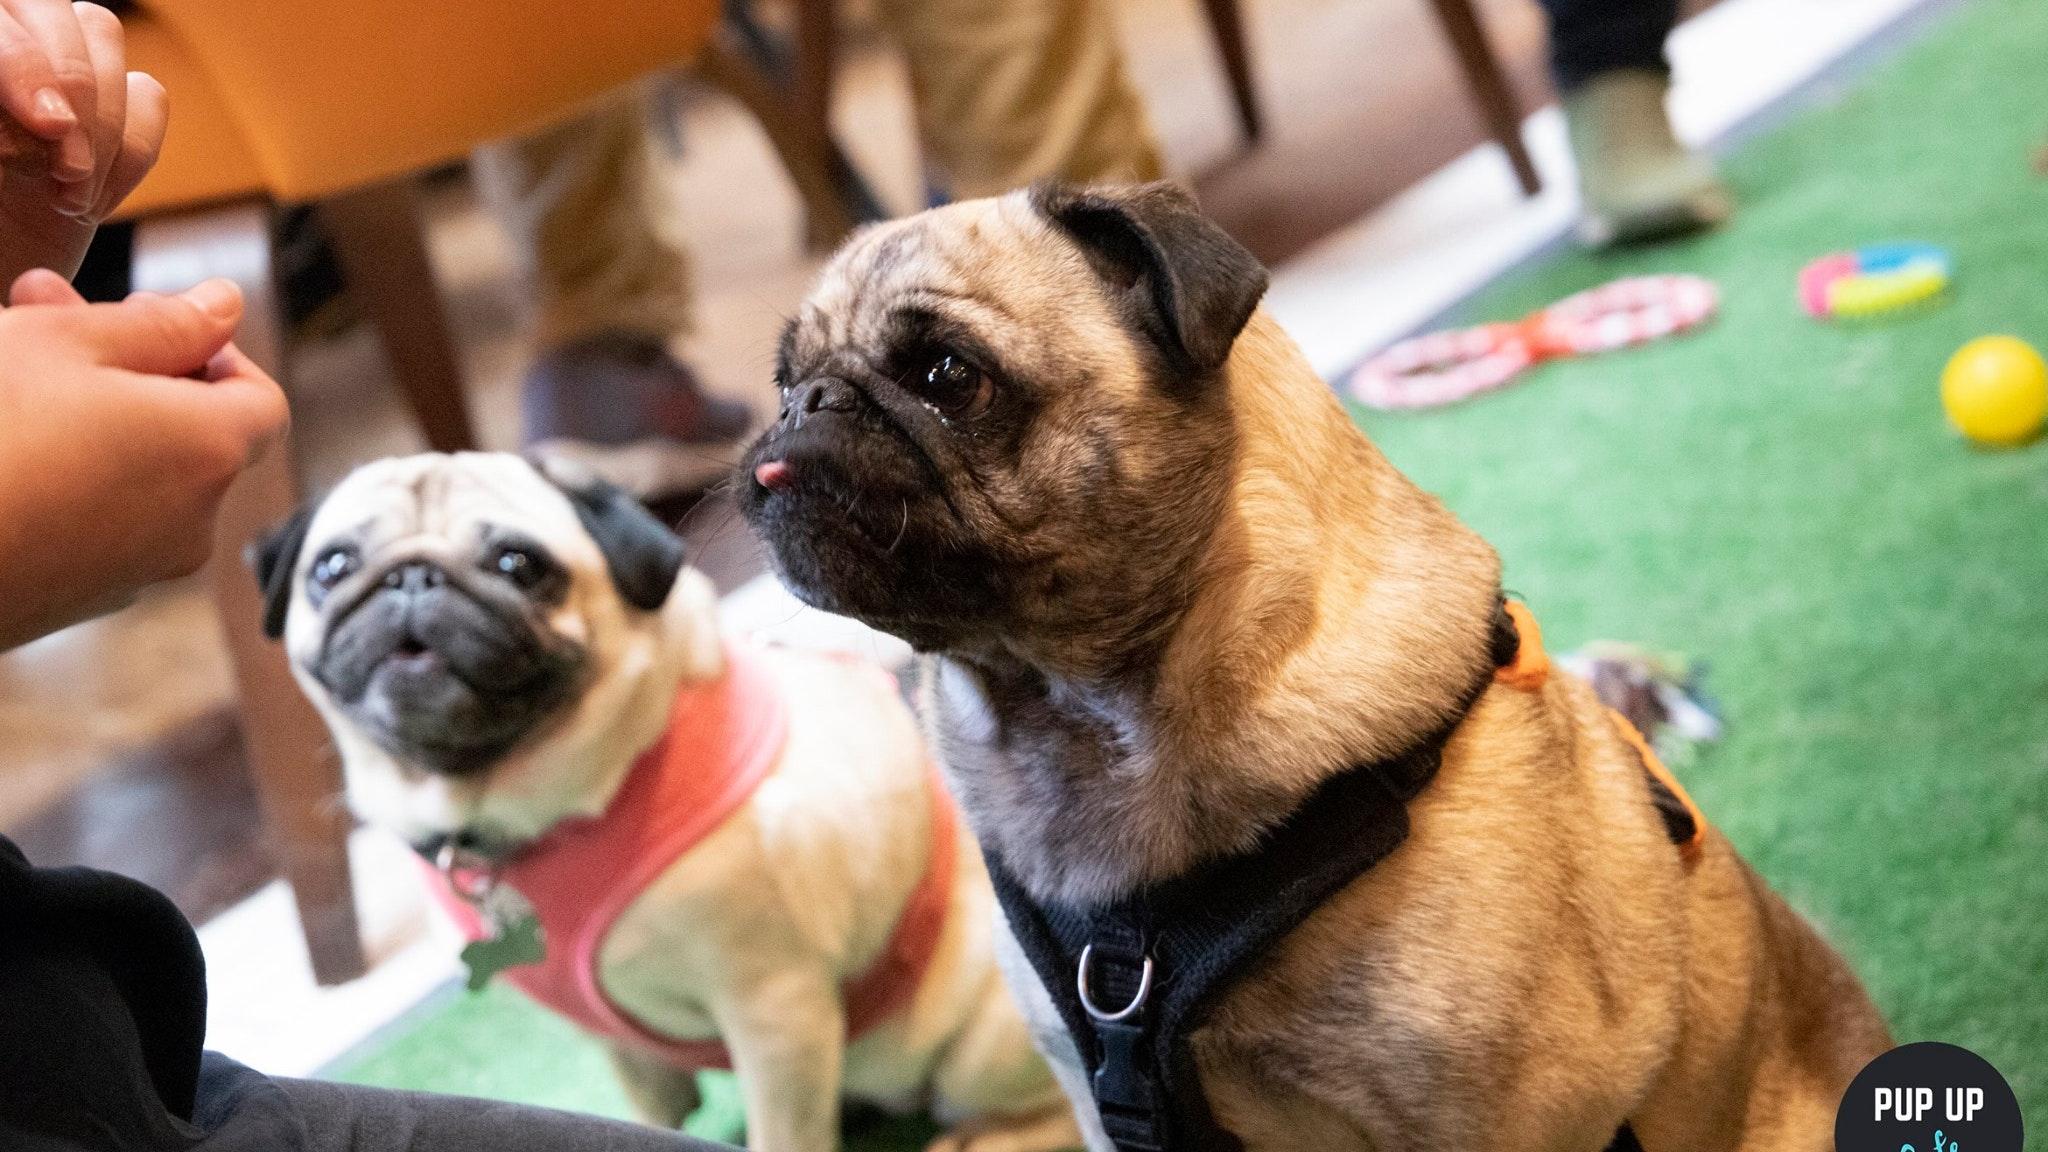 Pug Pop Up Cafe – York